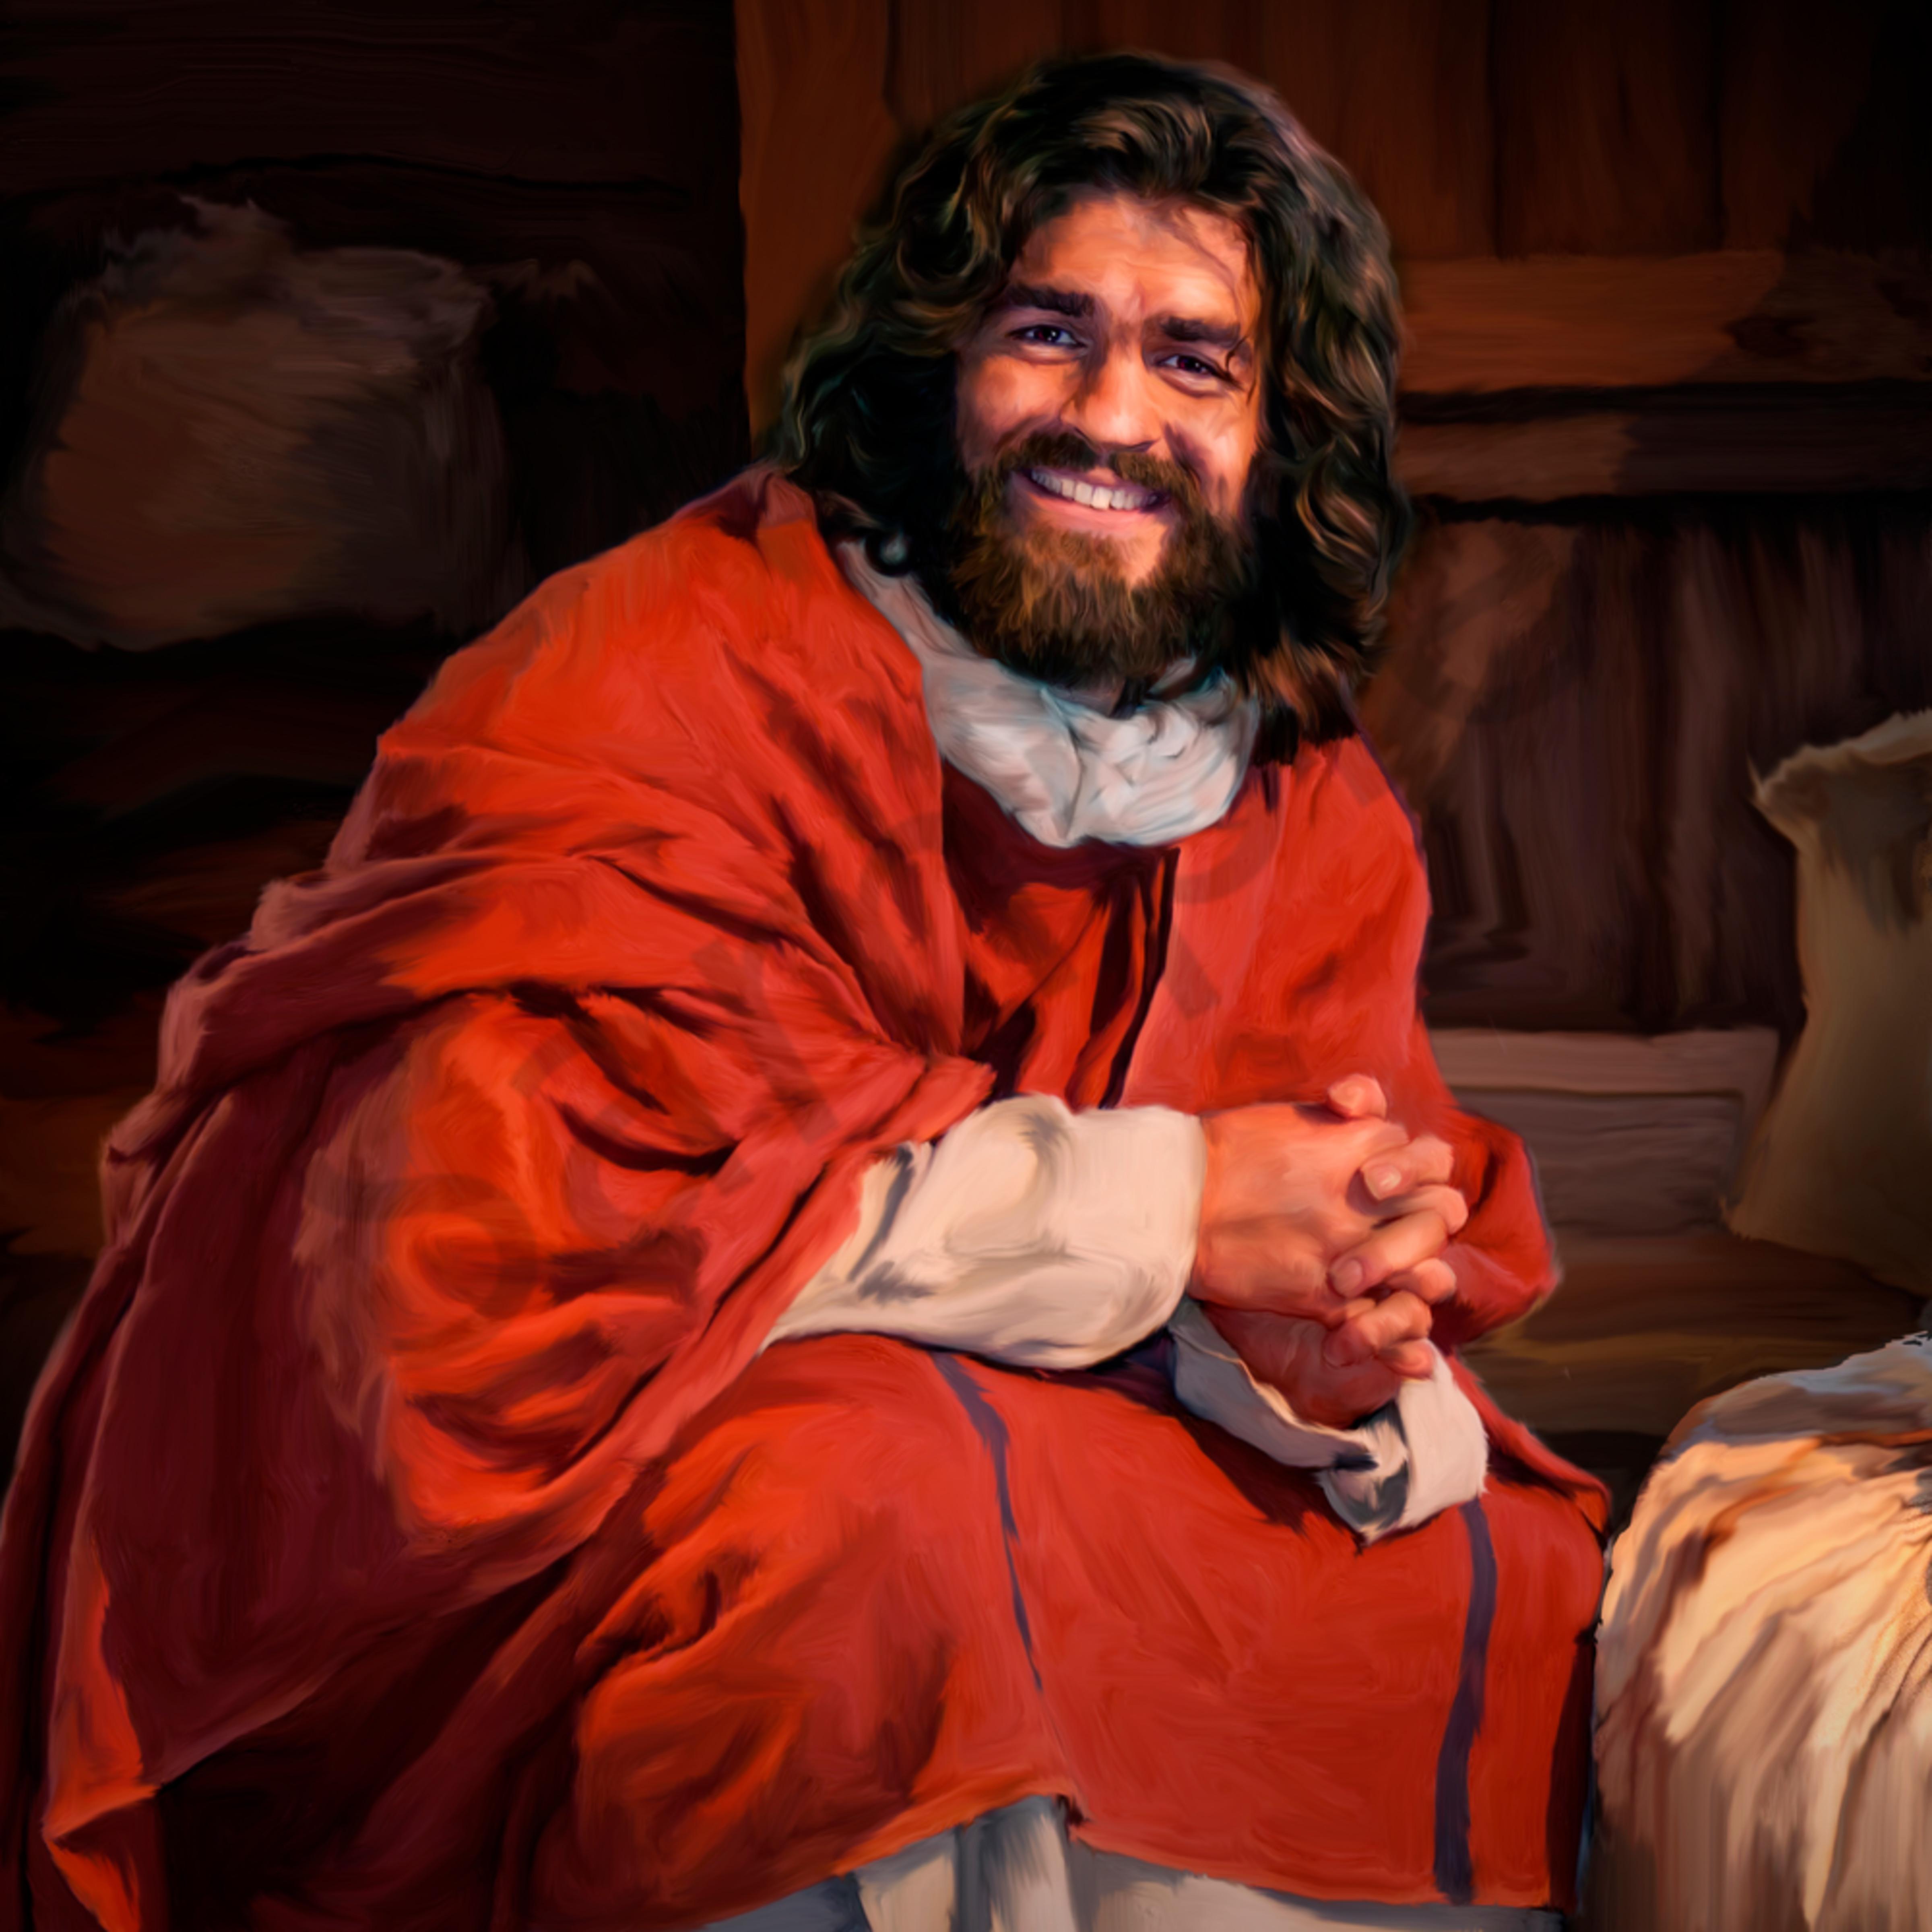 Jesus at ark bay x1052k